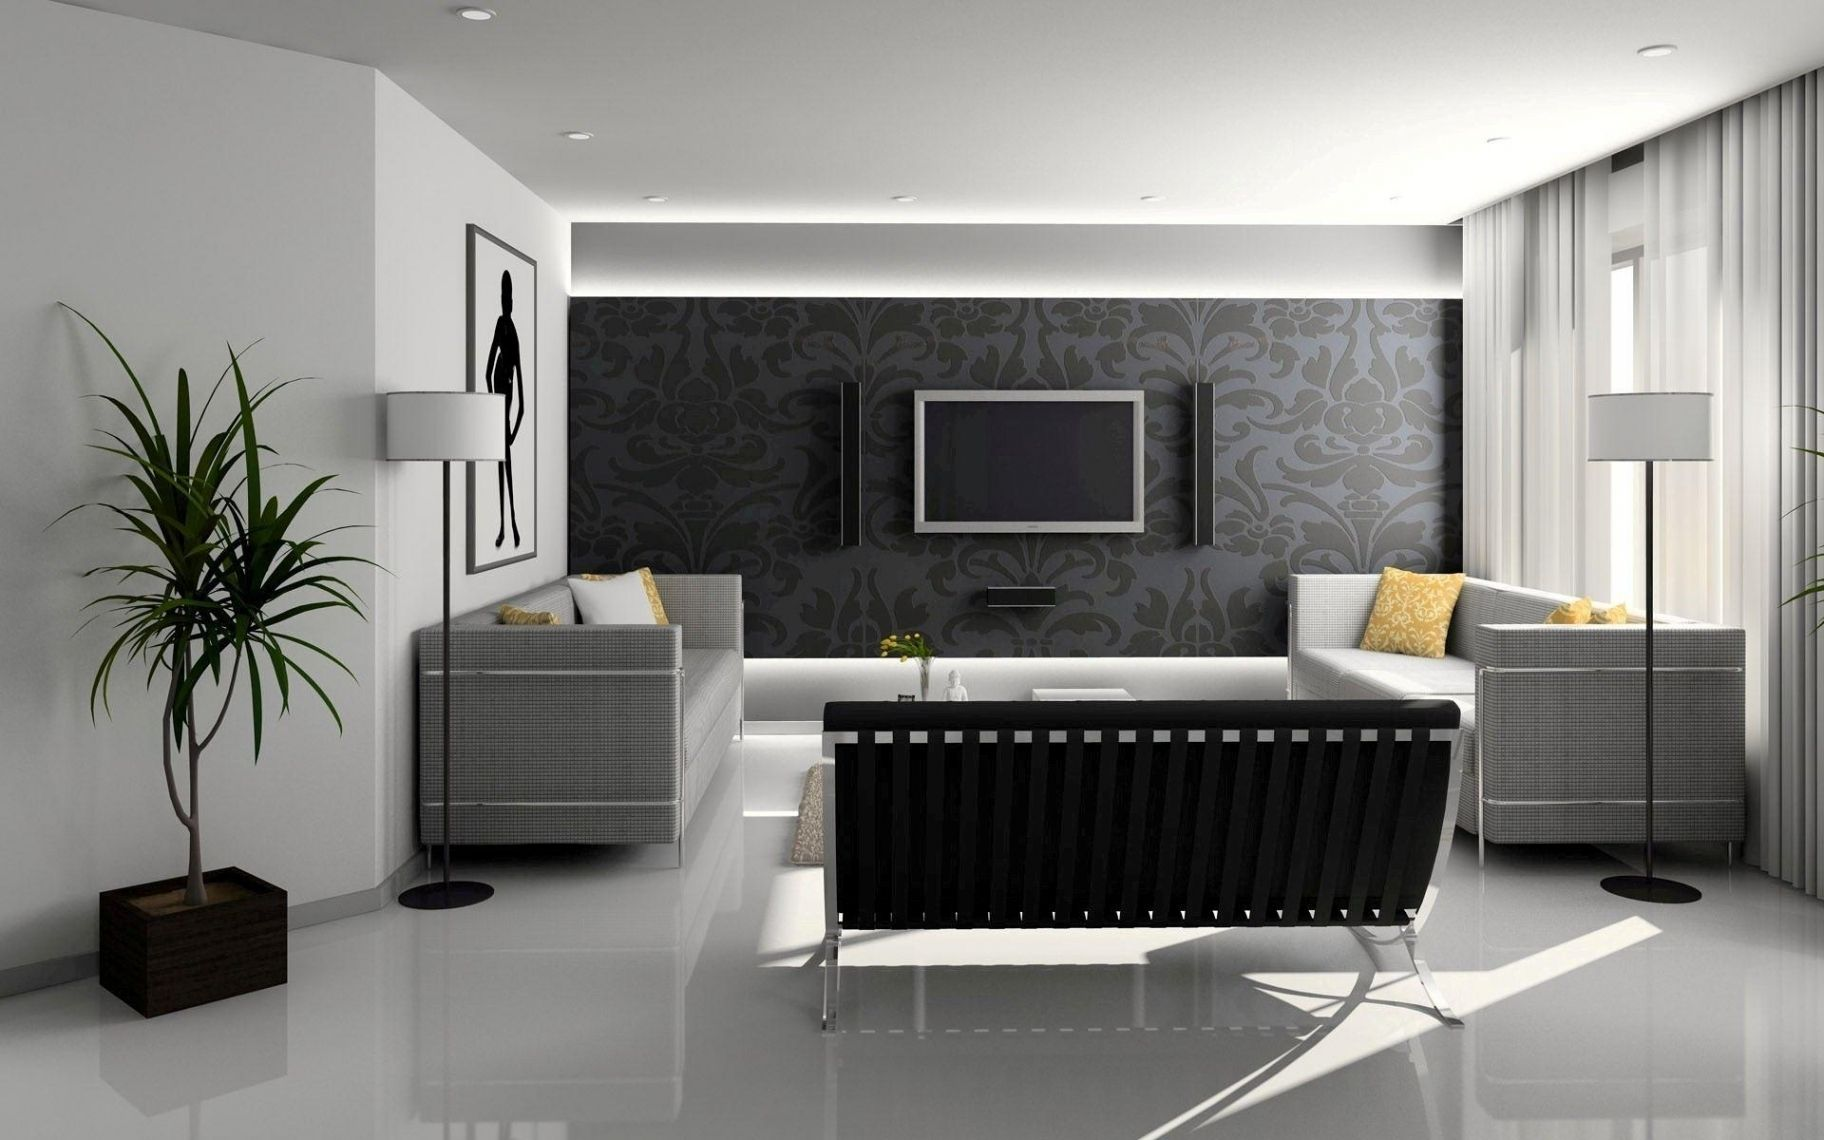 262 best Wohnzimmer ideen images on Pinterest